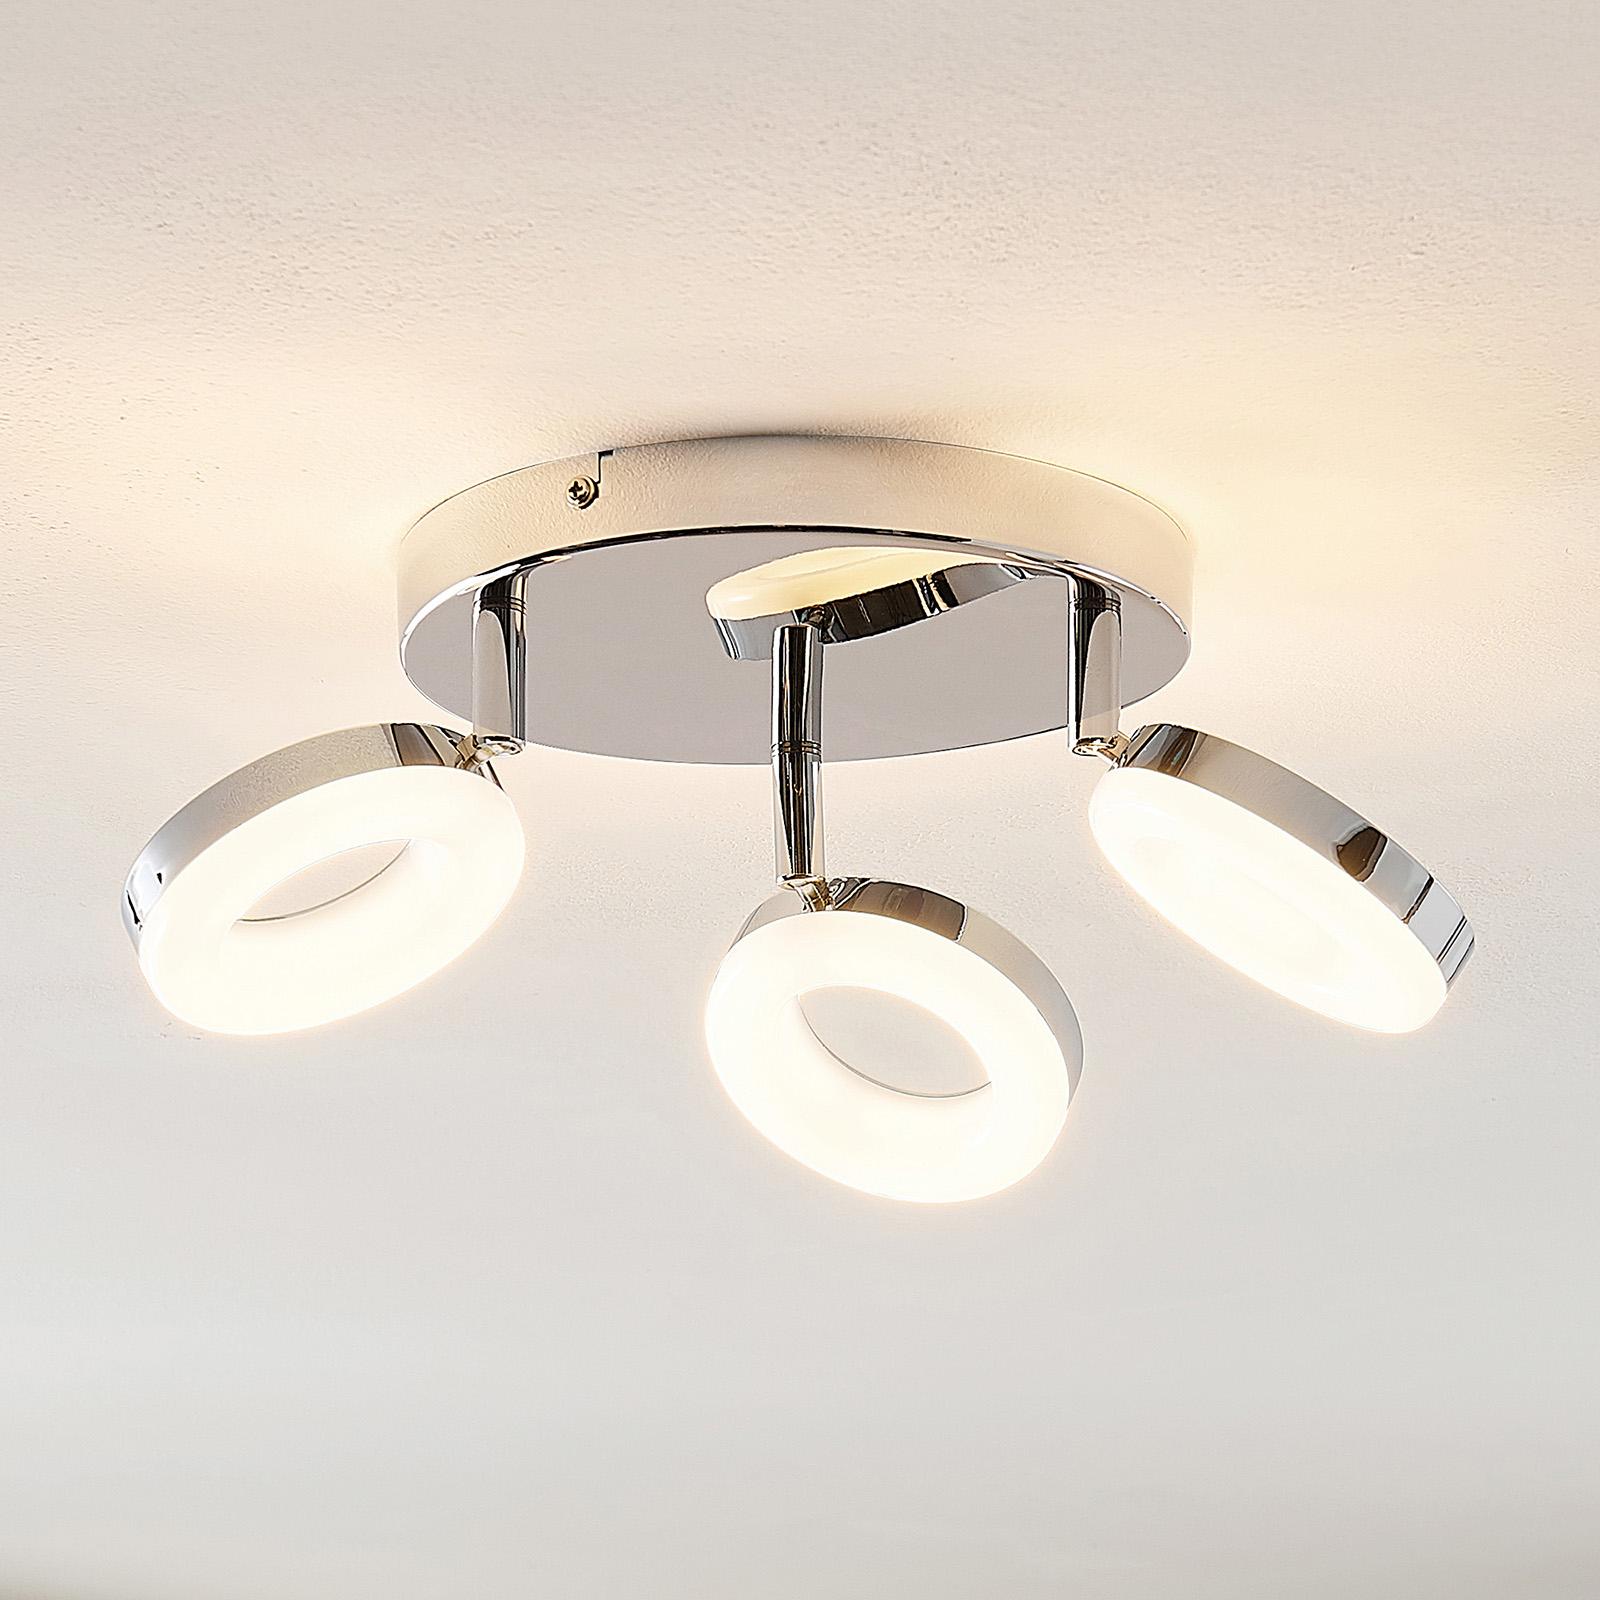 ELC Tioklia LED stropní světlo, chrom, třížár.